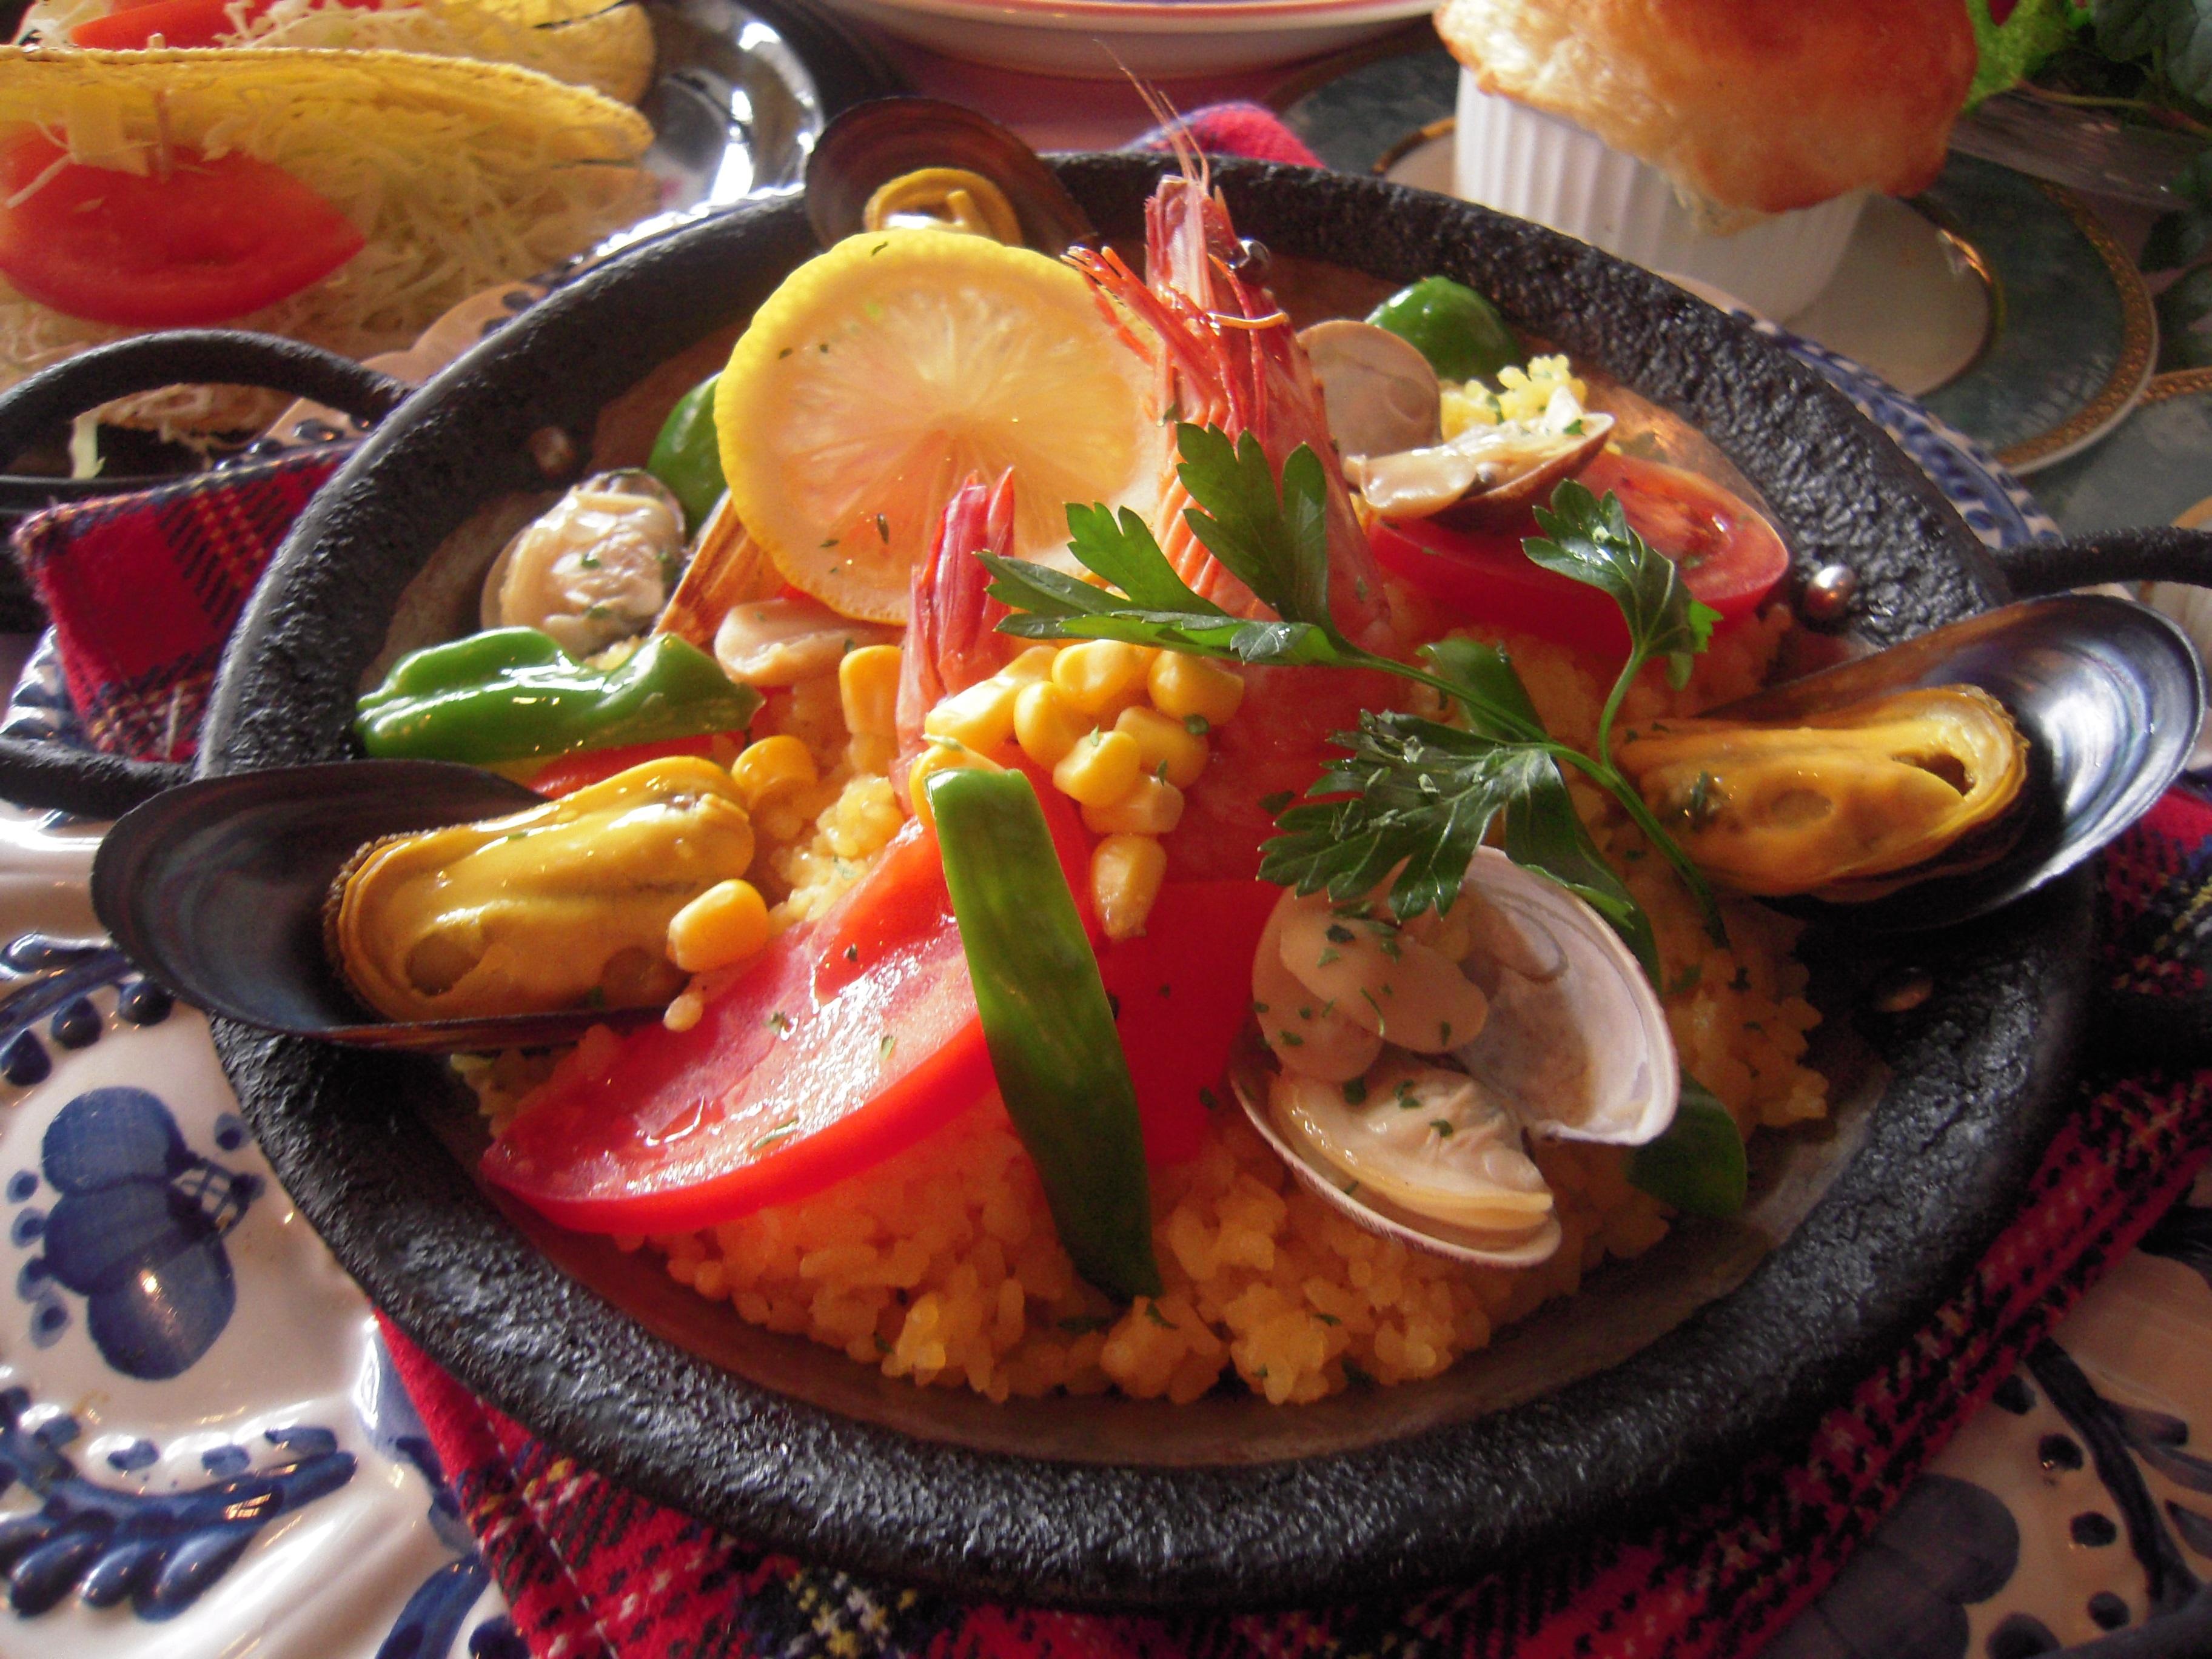 Valencia-style fish paella